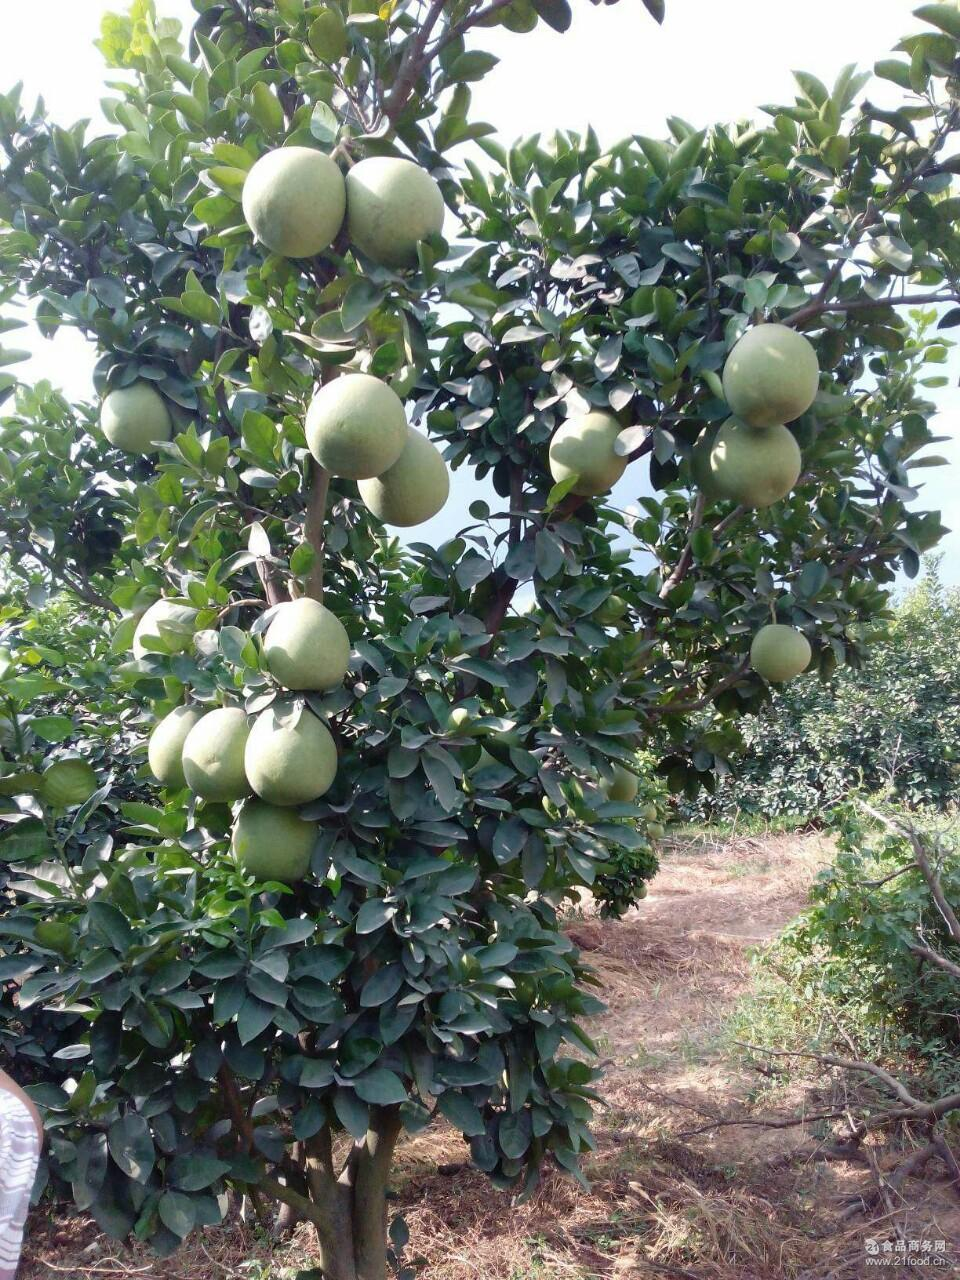 正宗赣南特产南康甜柚早熟蜜柚文旦柚子新鲜水果果园直销